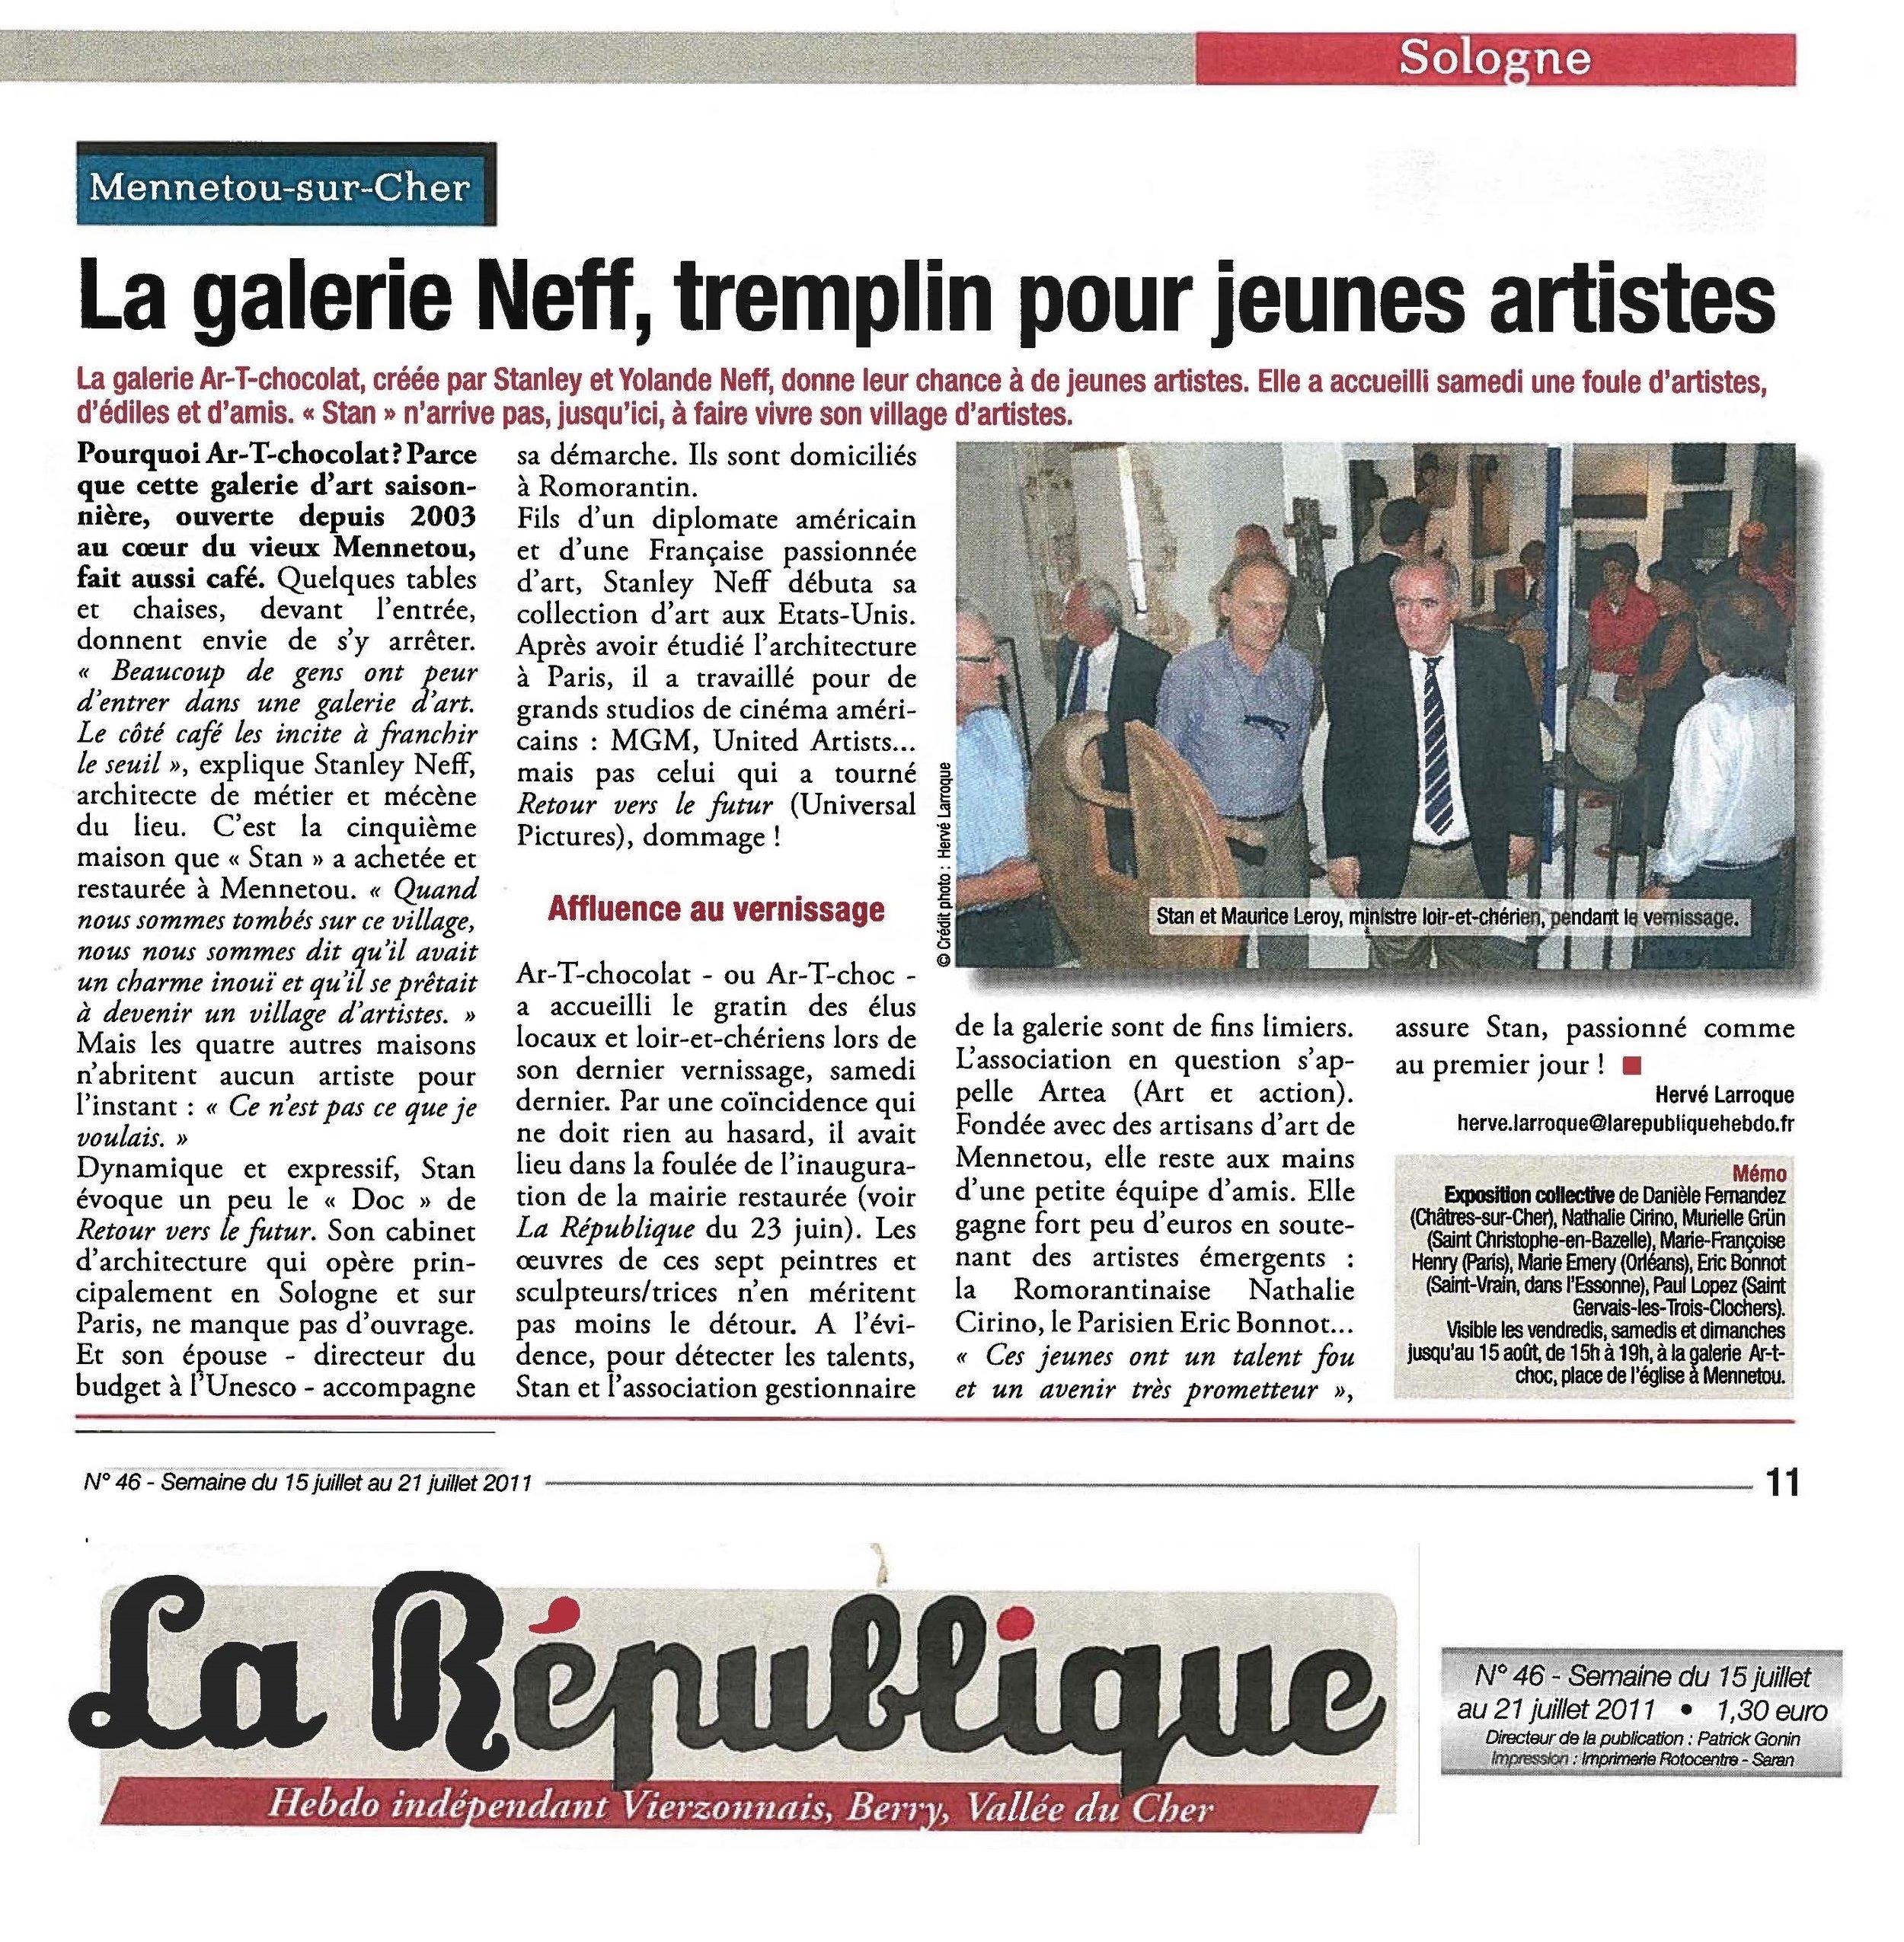 2011-07-15 La République p11 web ARTkos.jpg